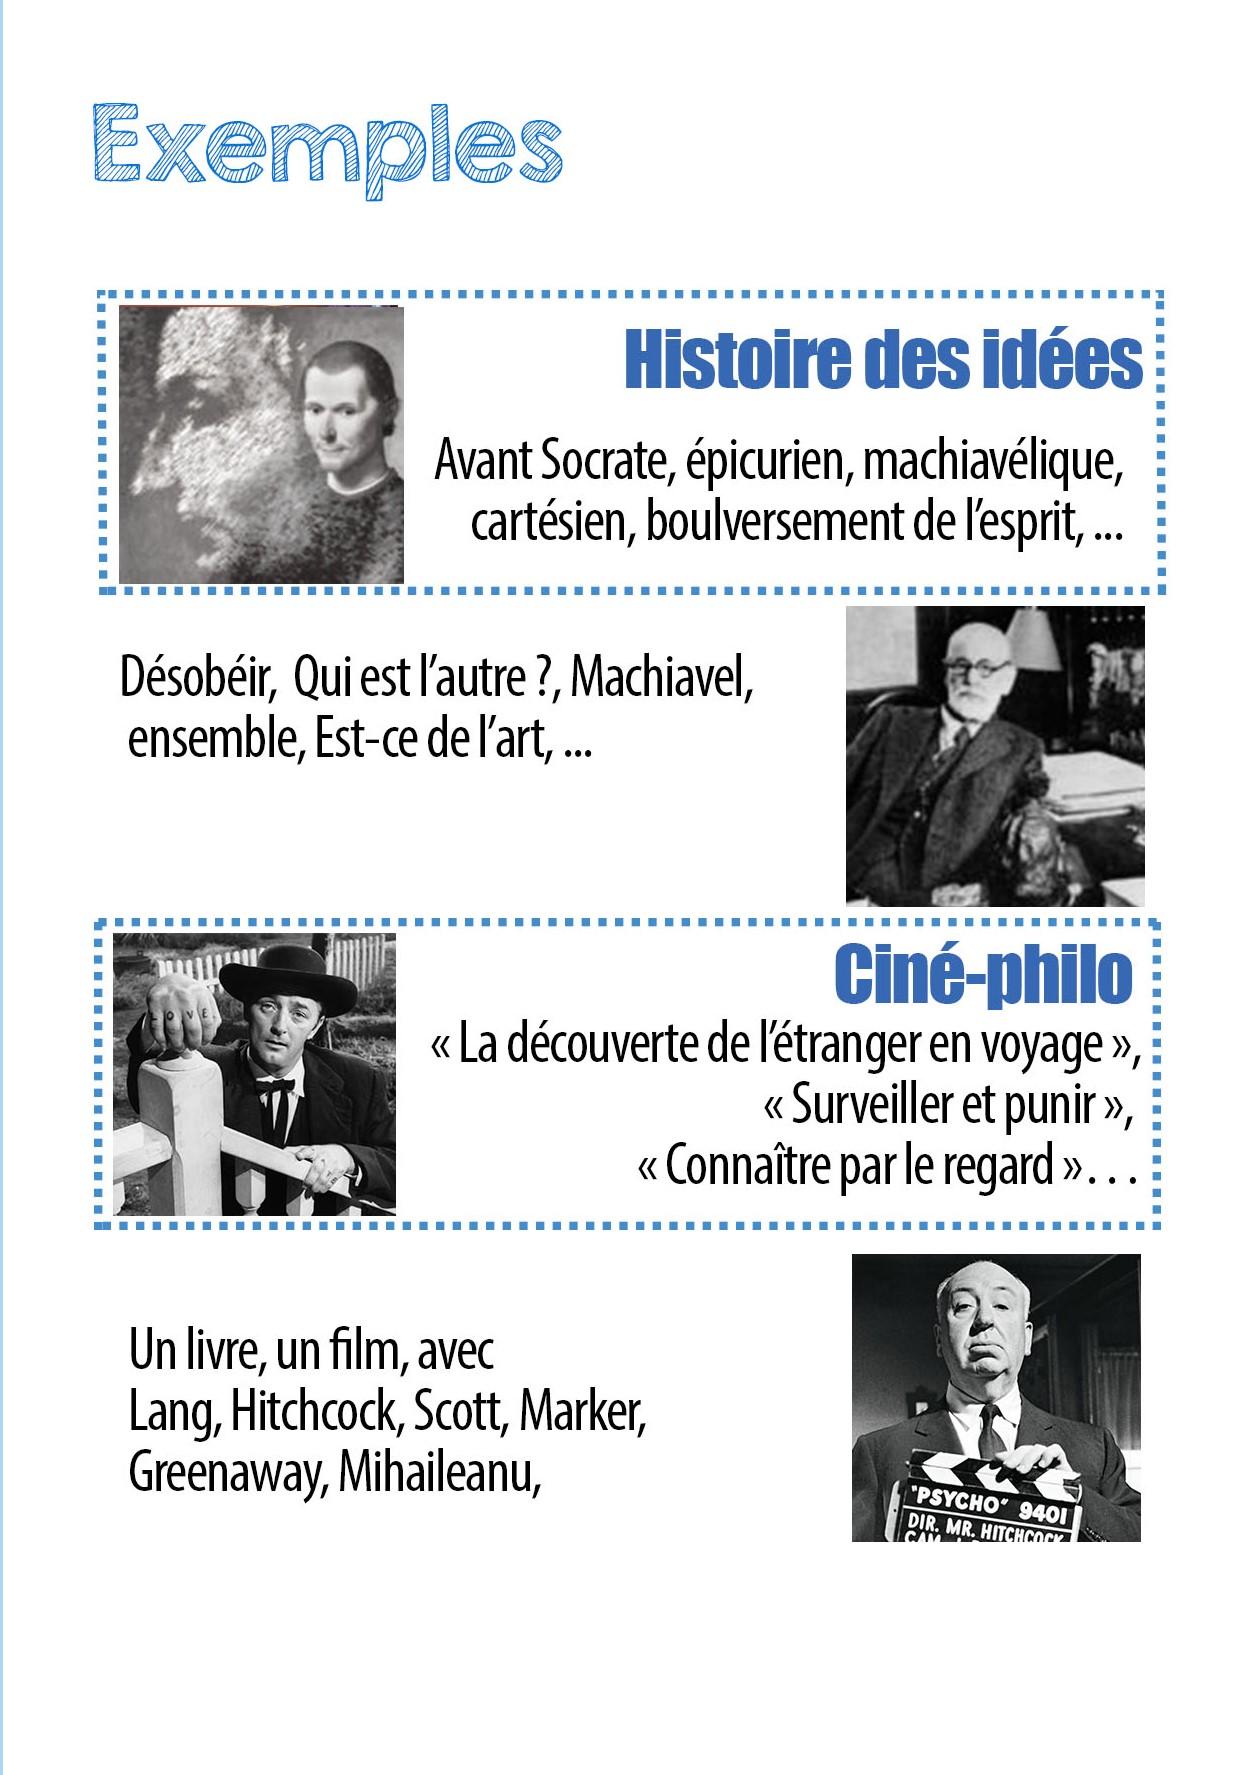 Exemples-Histoires-des-idées-PREFIGURATIONS-V2b